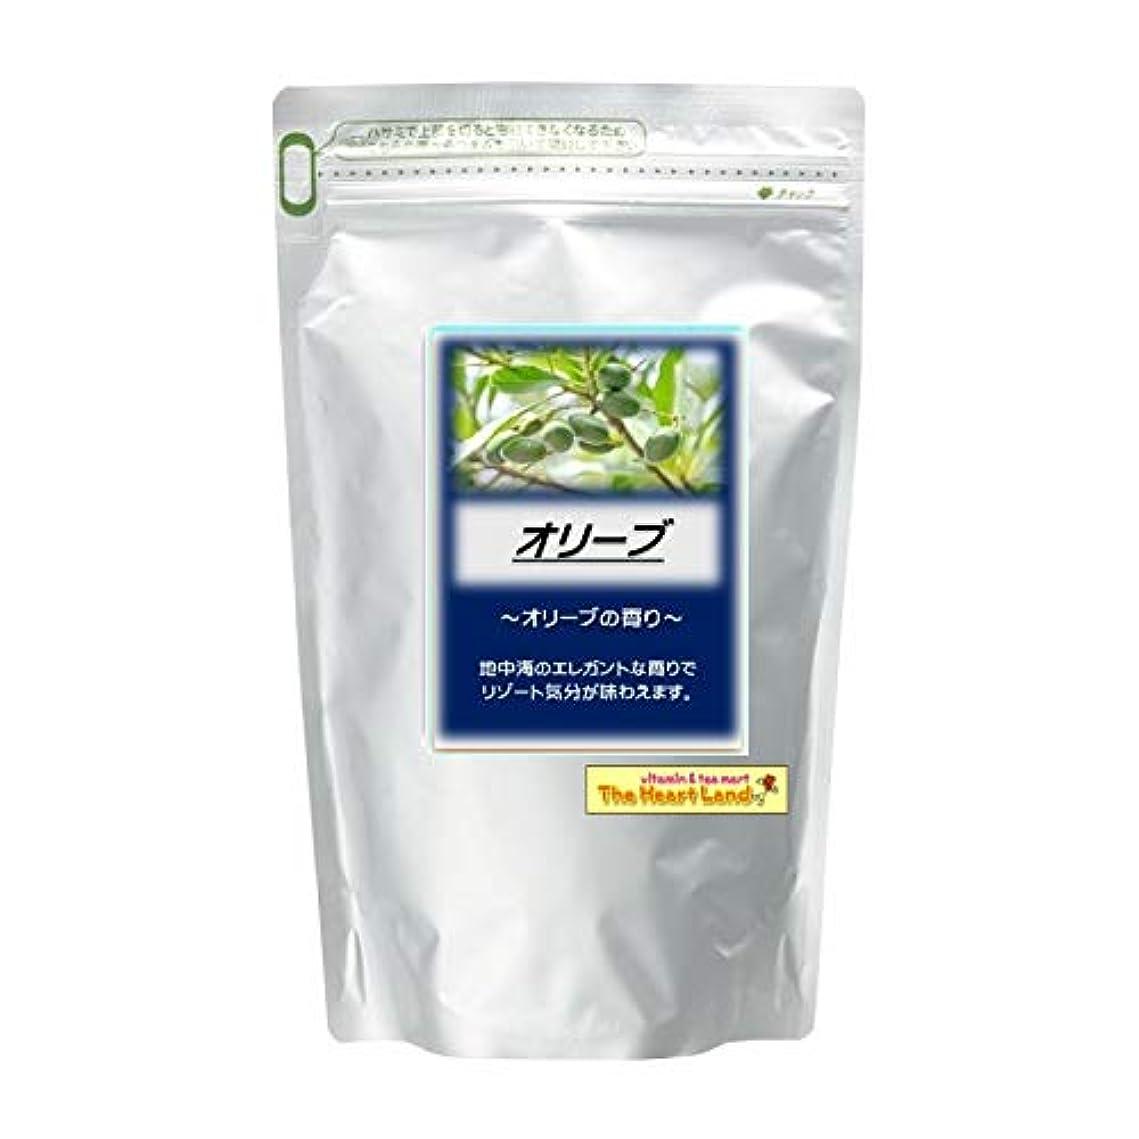 震える視力レールアサヒ入浴剤 浴用入浴化粧品 オリーブ 2.5kg